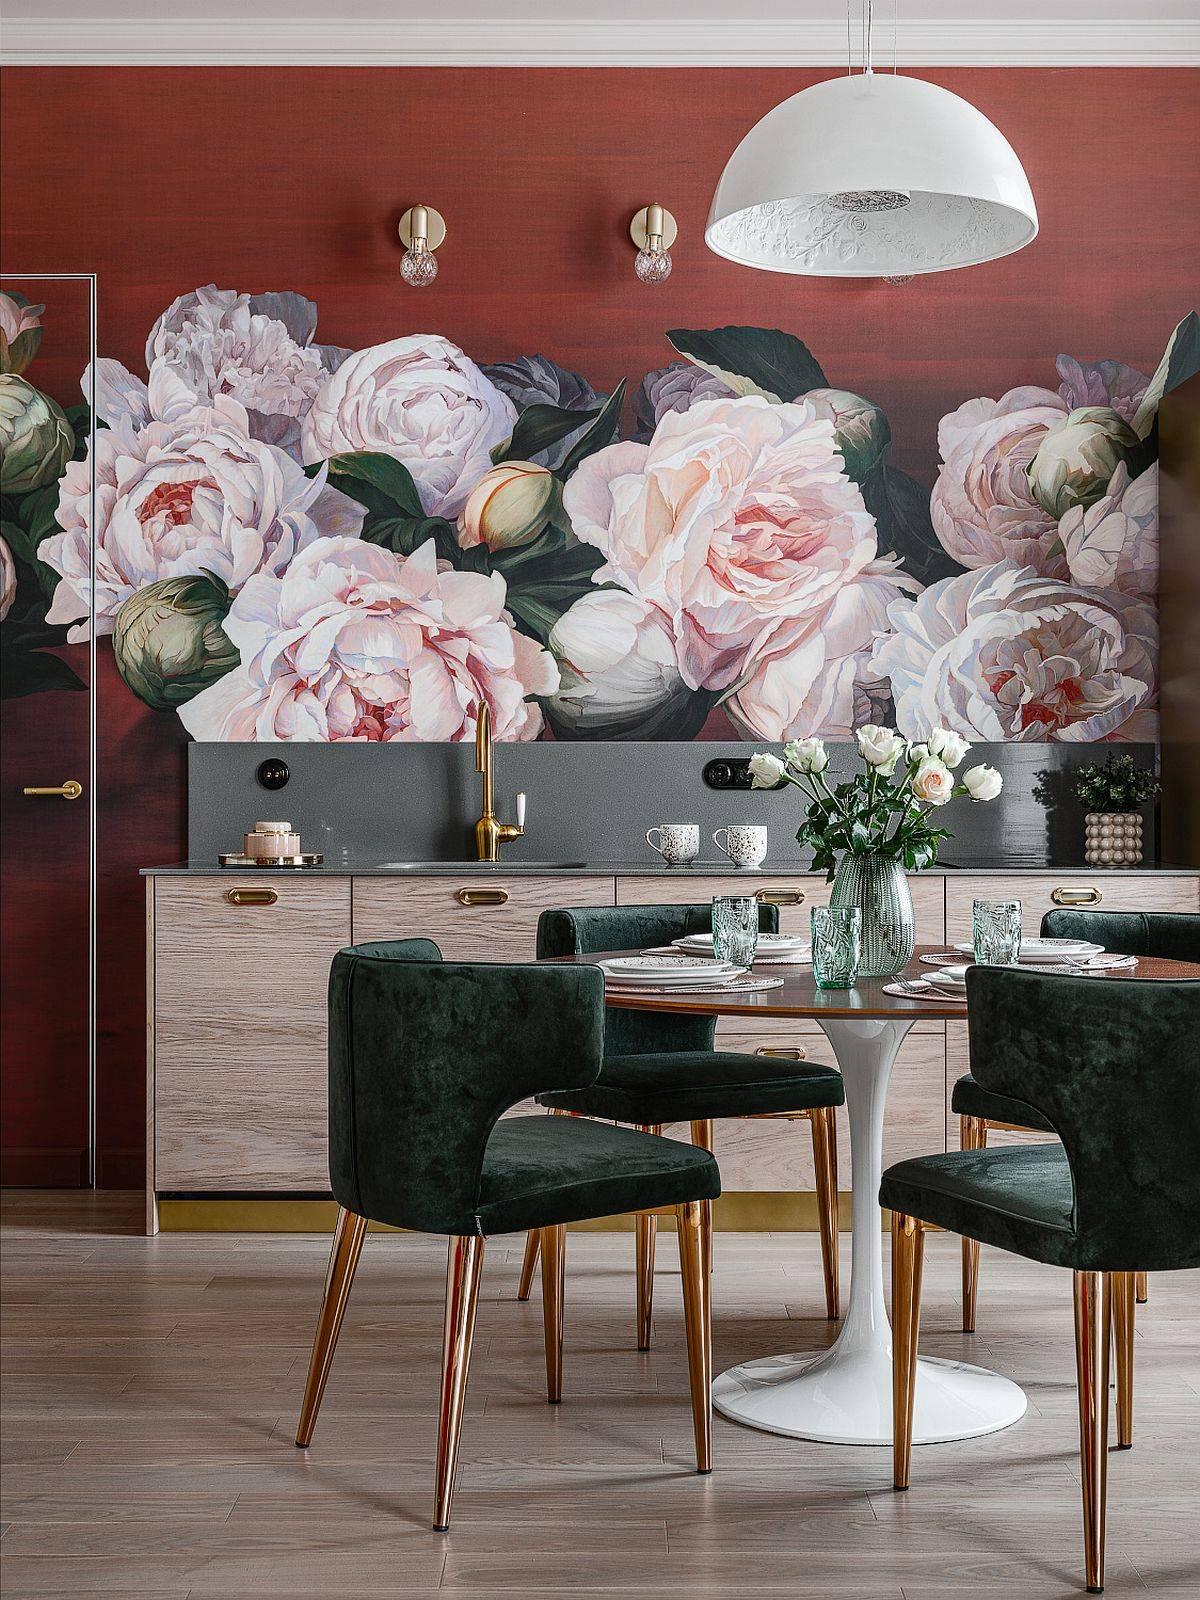 Floral wallpaper as a kitchen backsplash